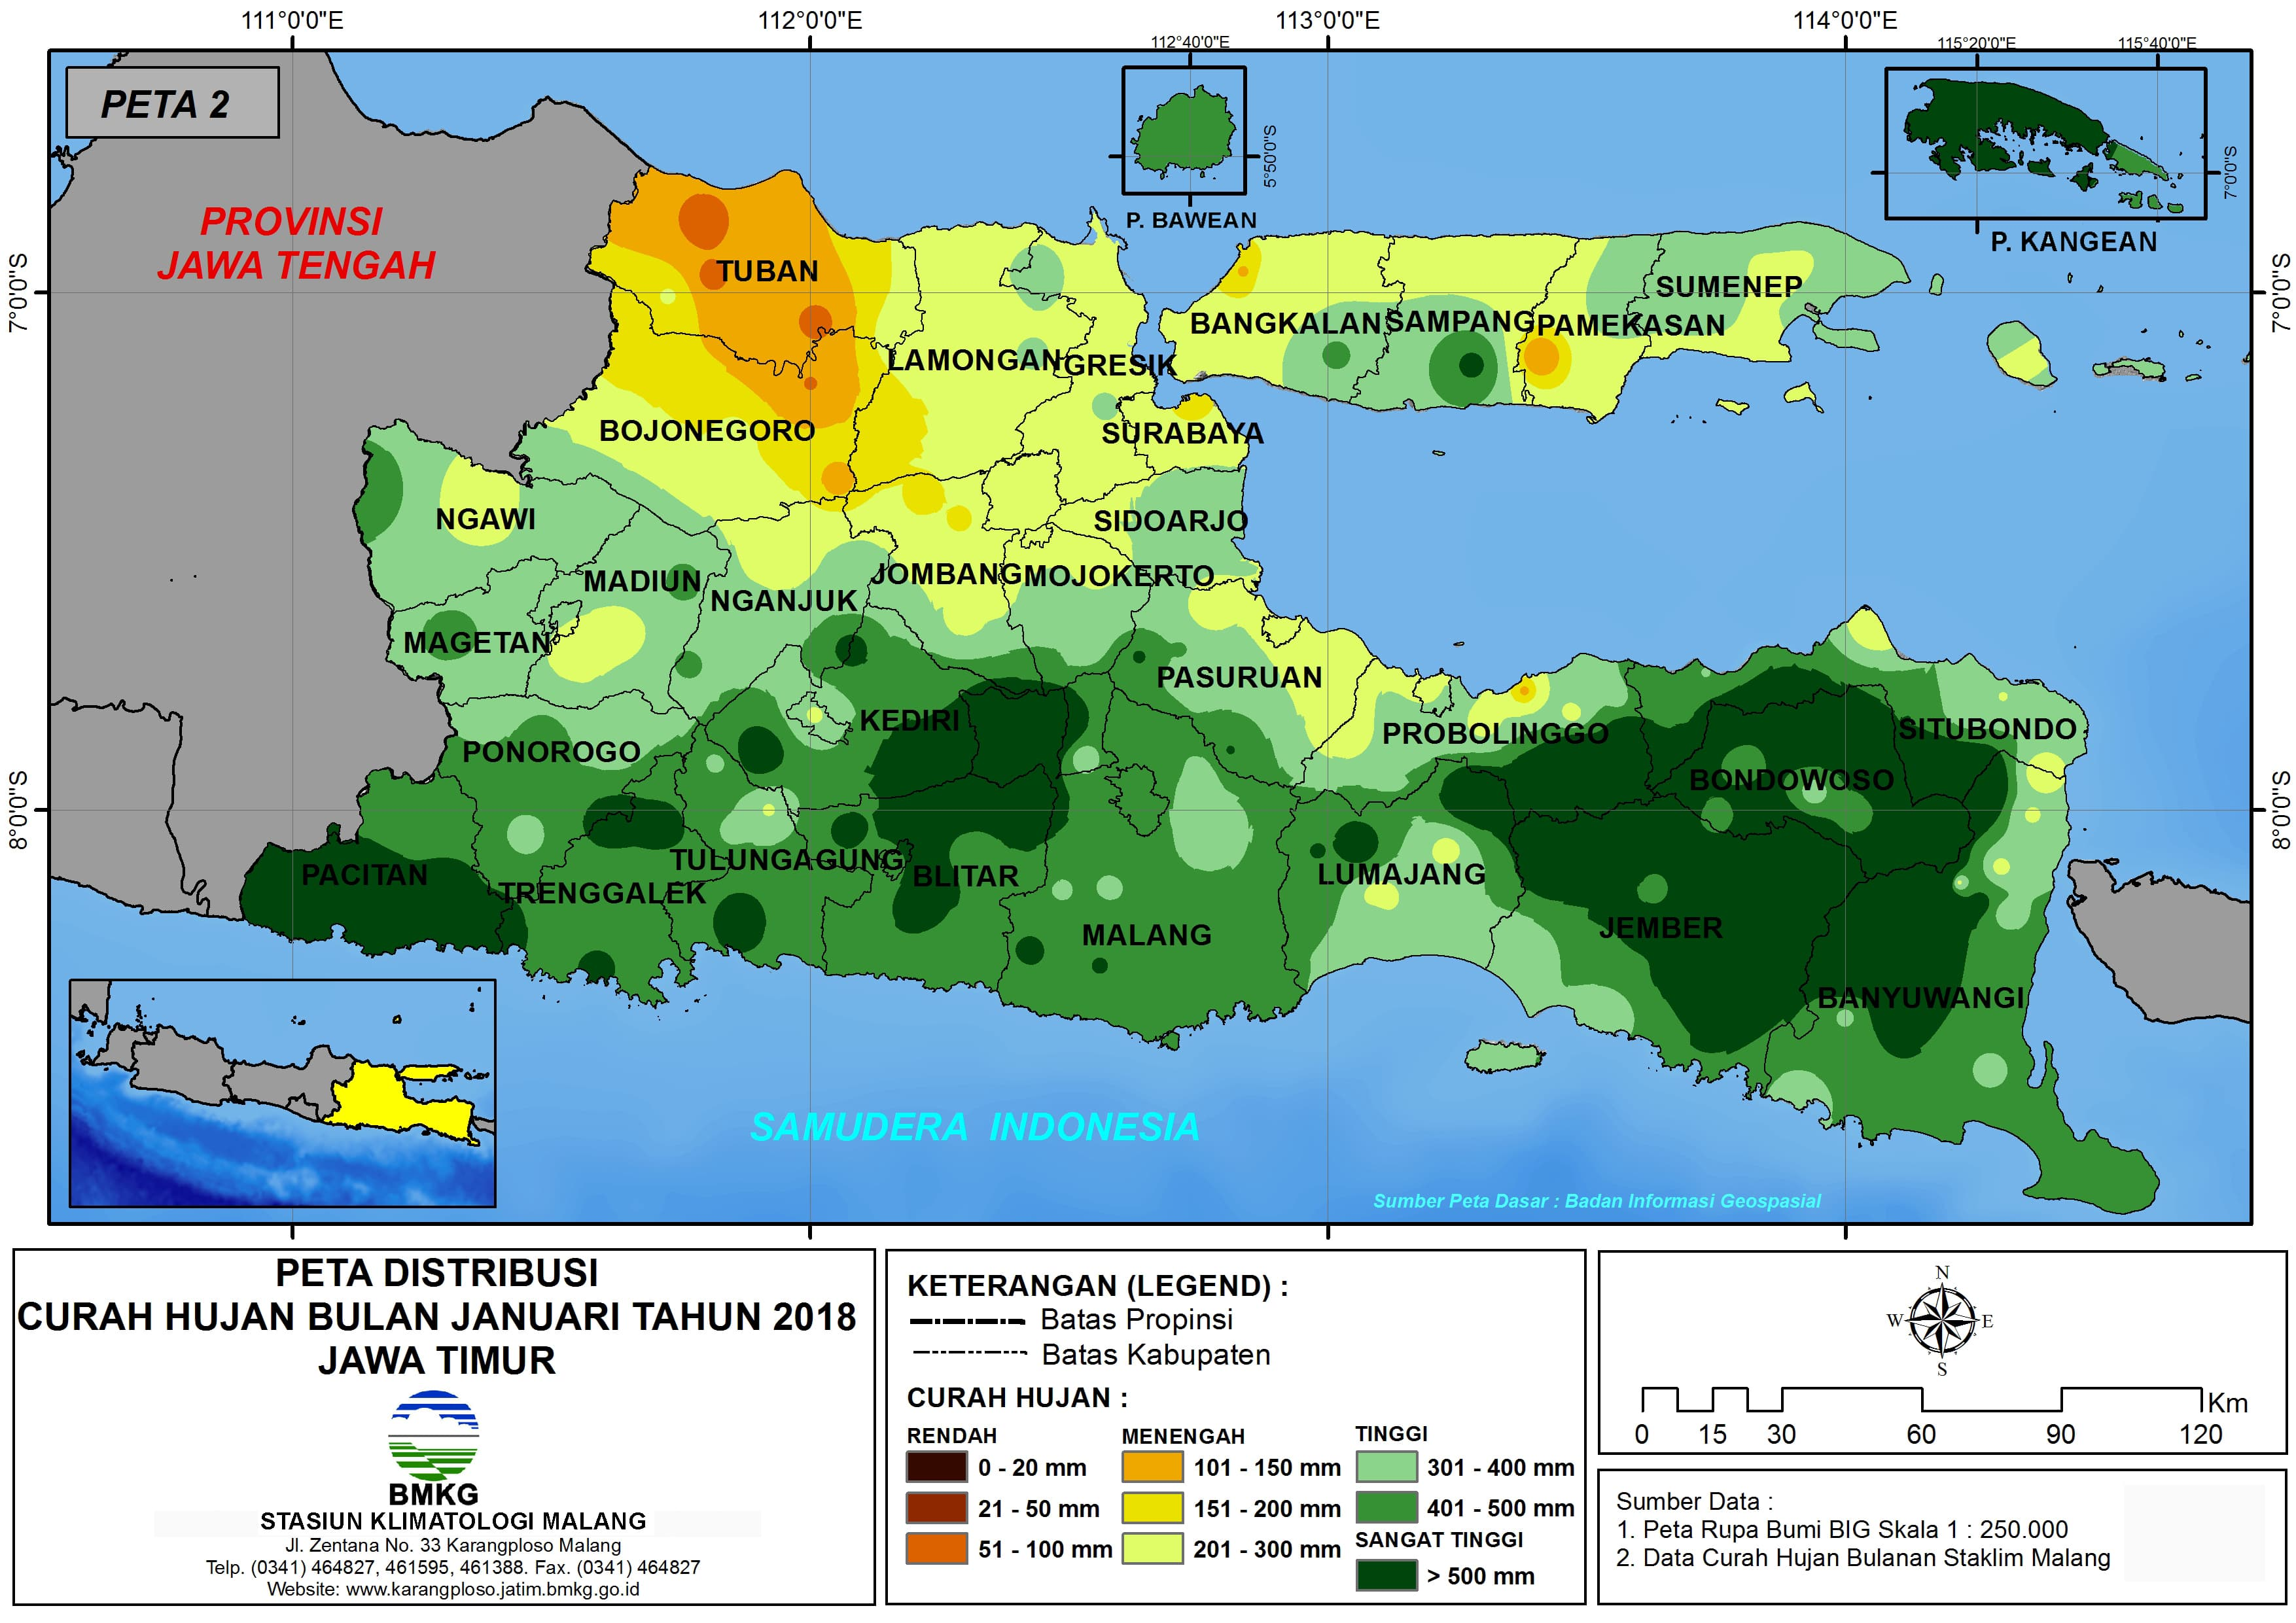 Analisis Distribusi Curah Hujan Bulan Januari Tahun 2018 di Propinsi Jawa Timur